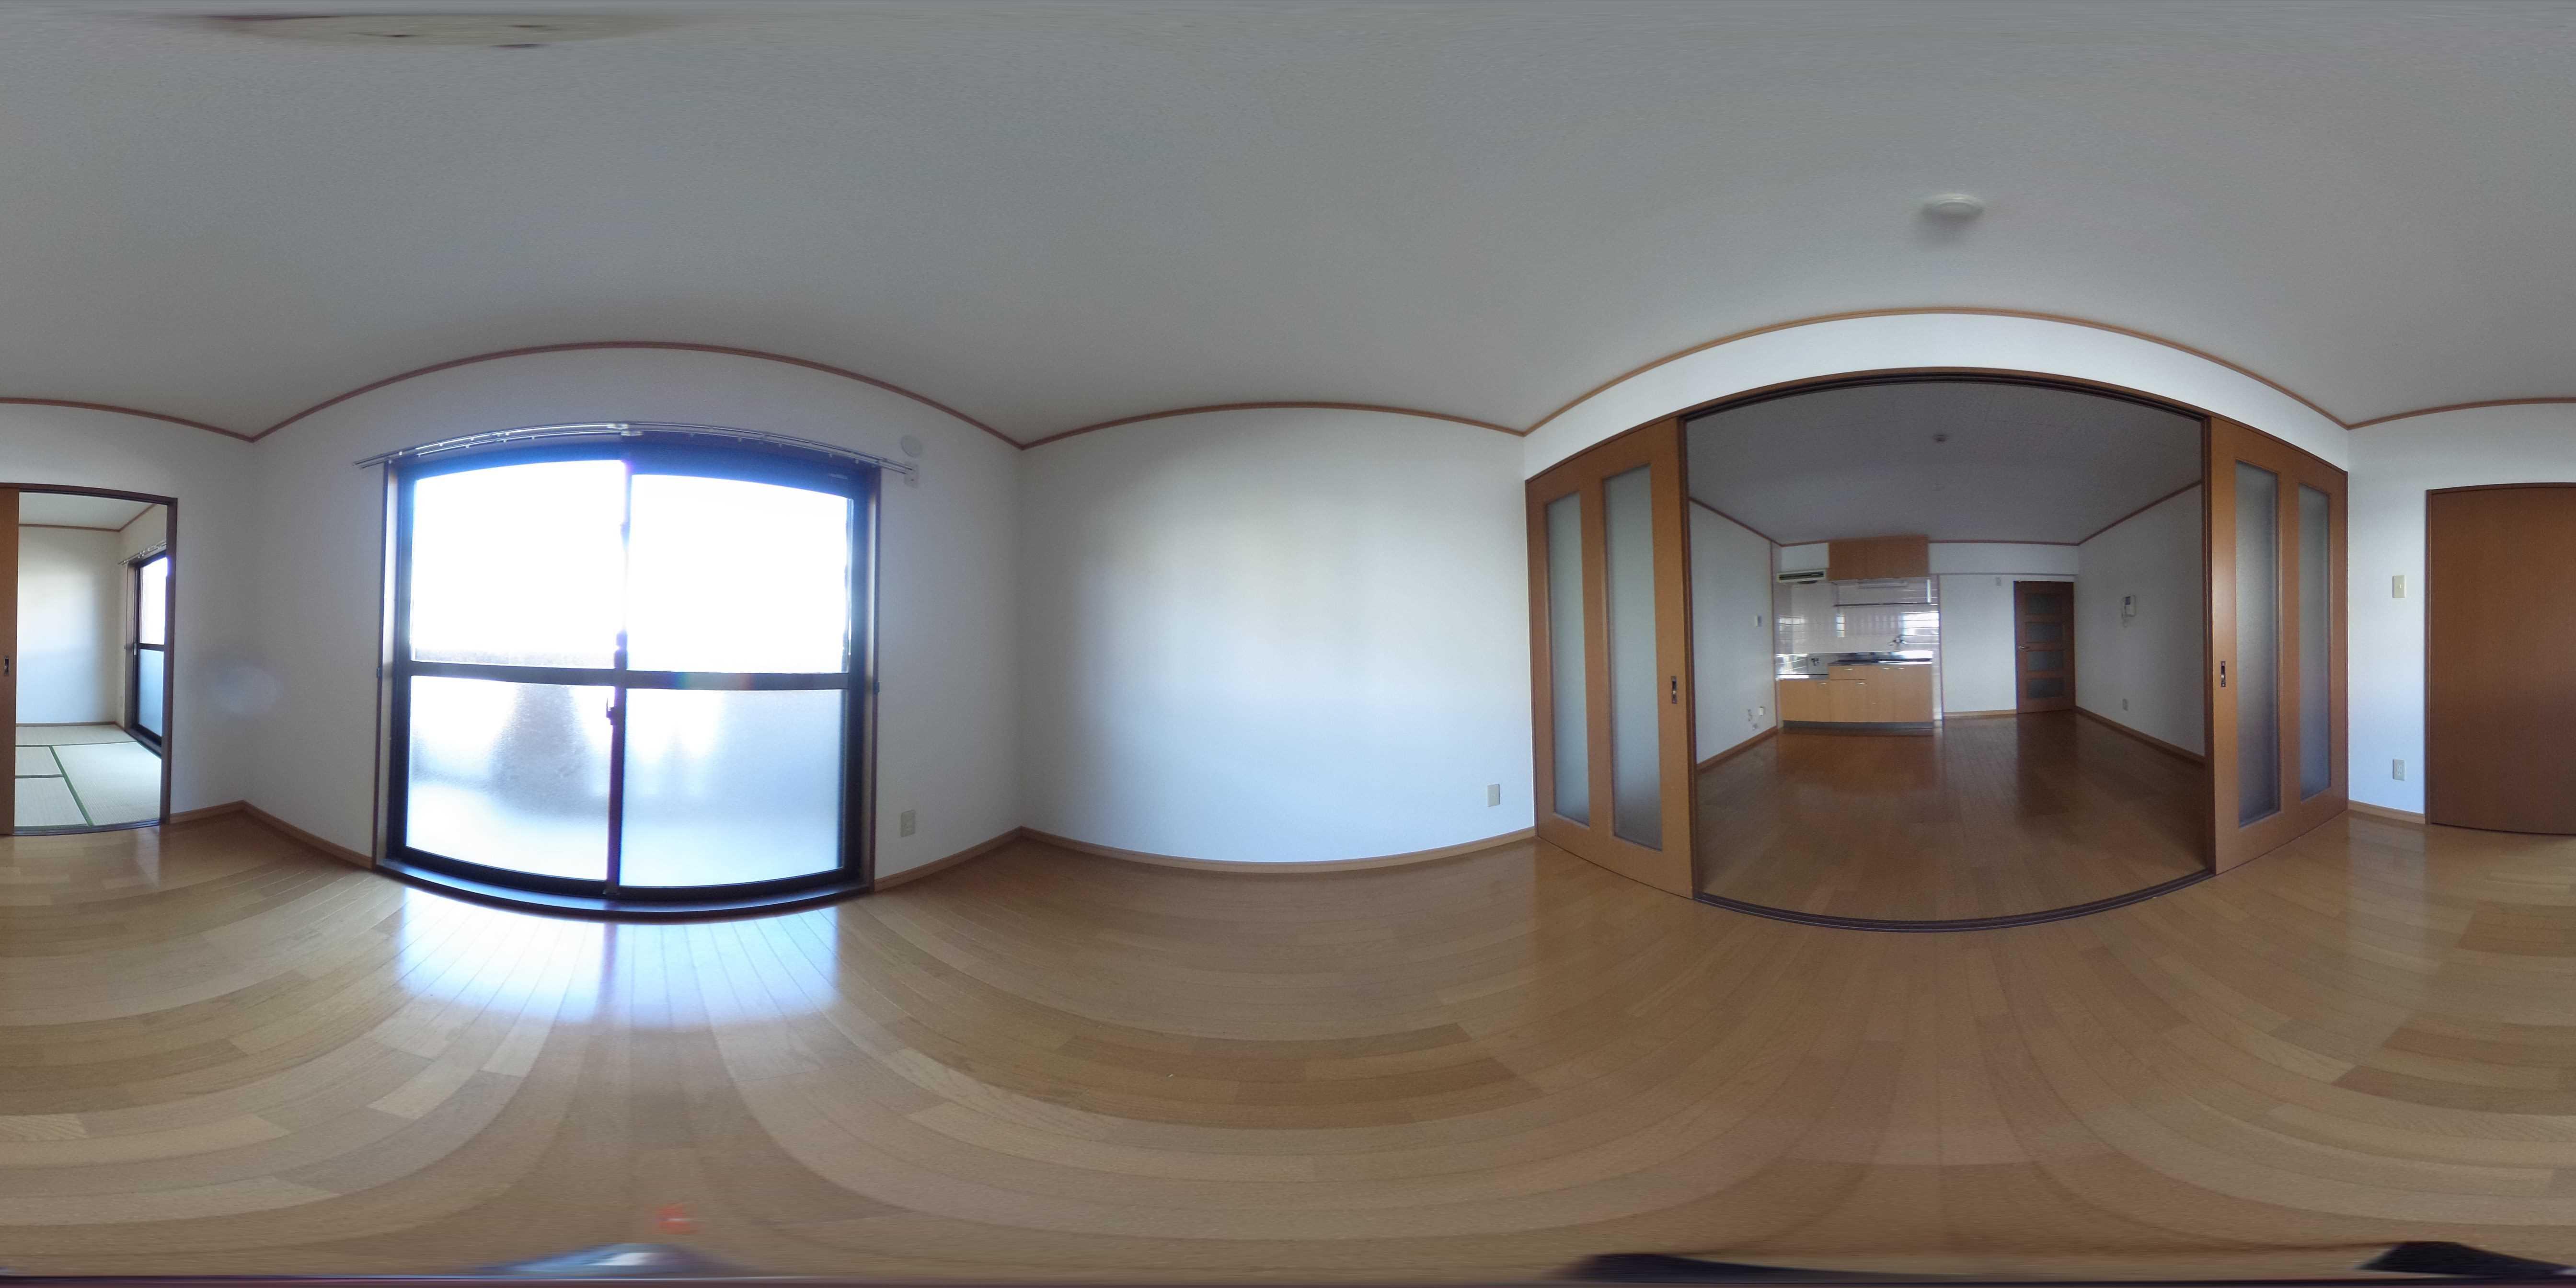 ユーミー平松 洋室